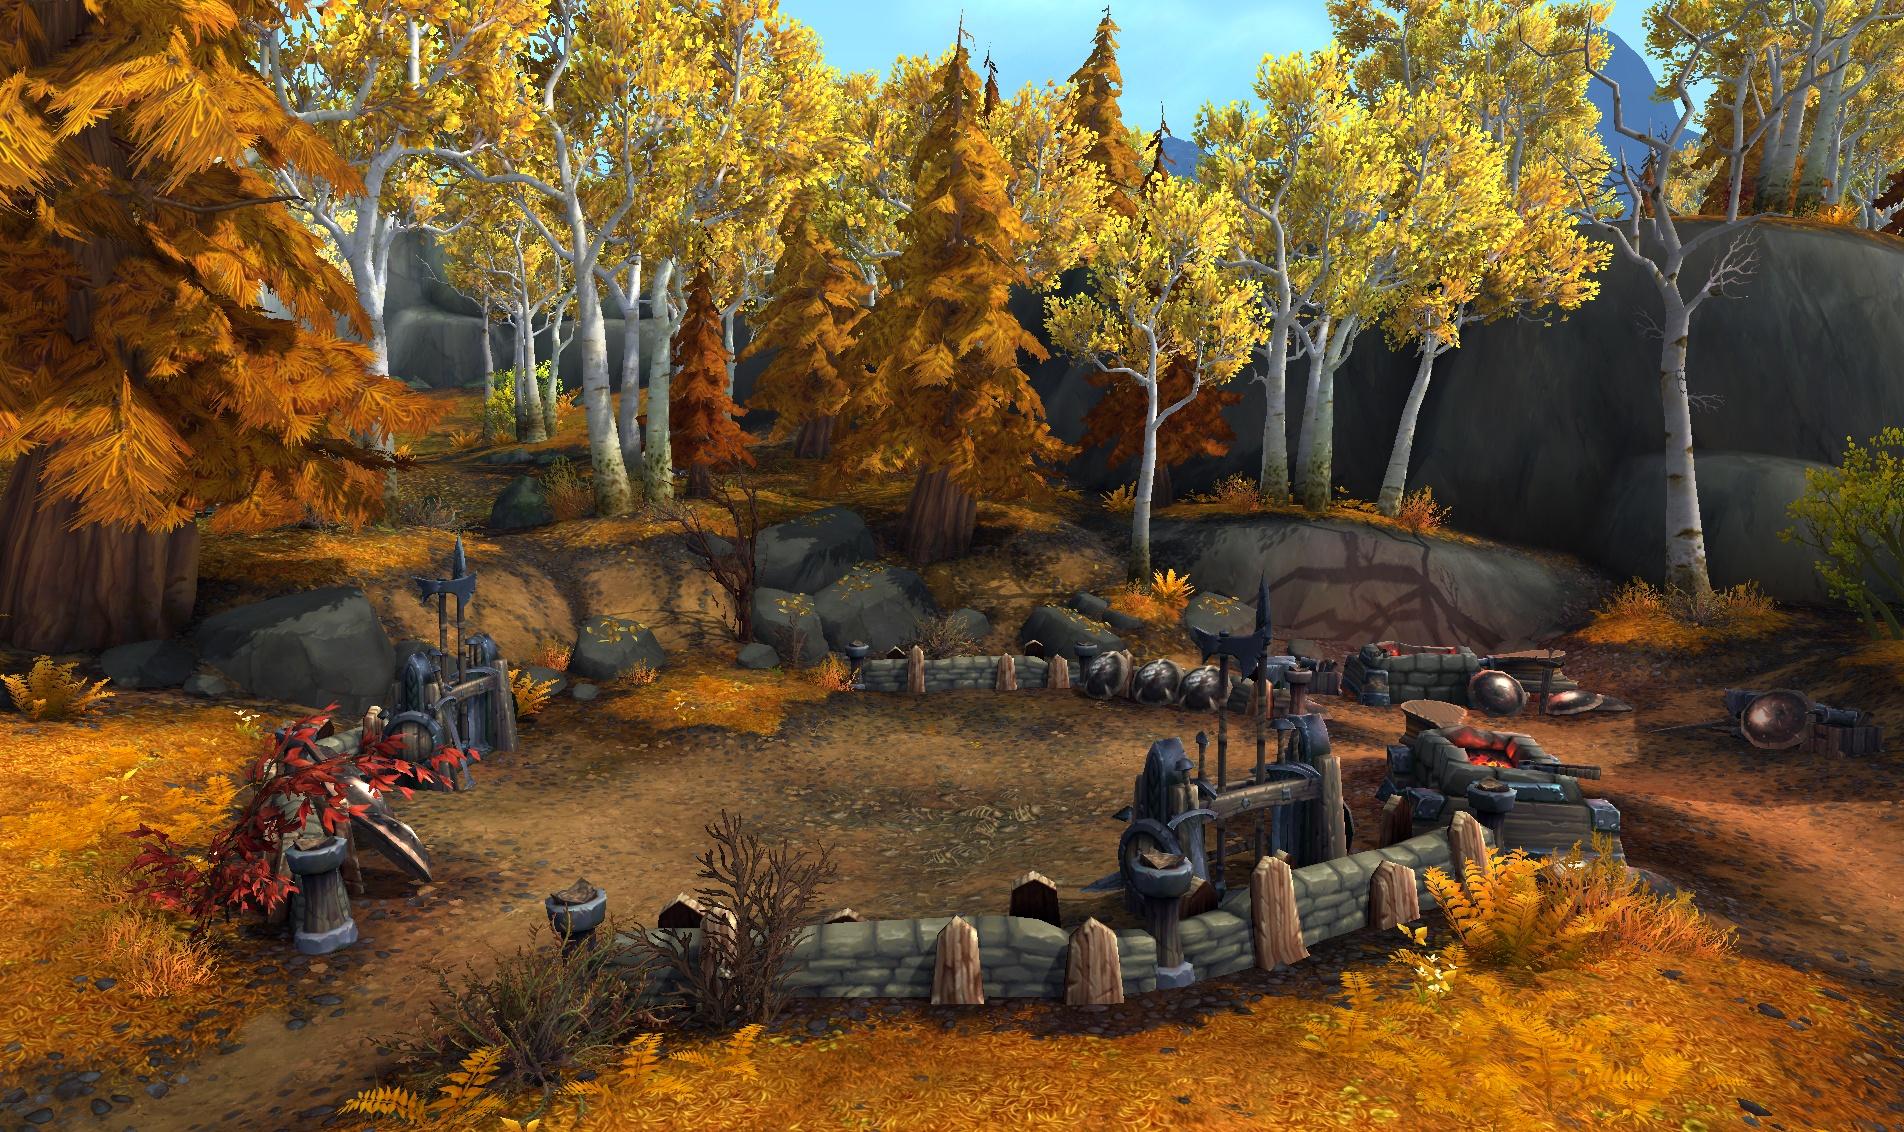 Казино Вулкан играть онлайн в новые игры на официальном сайте